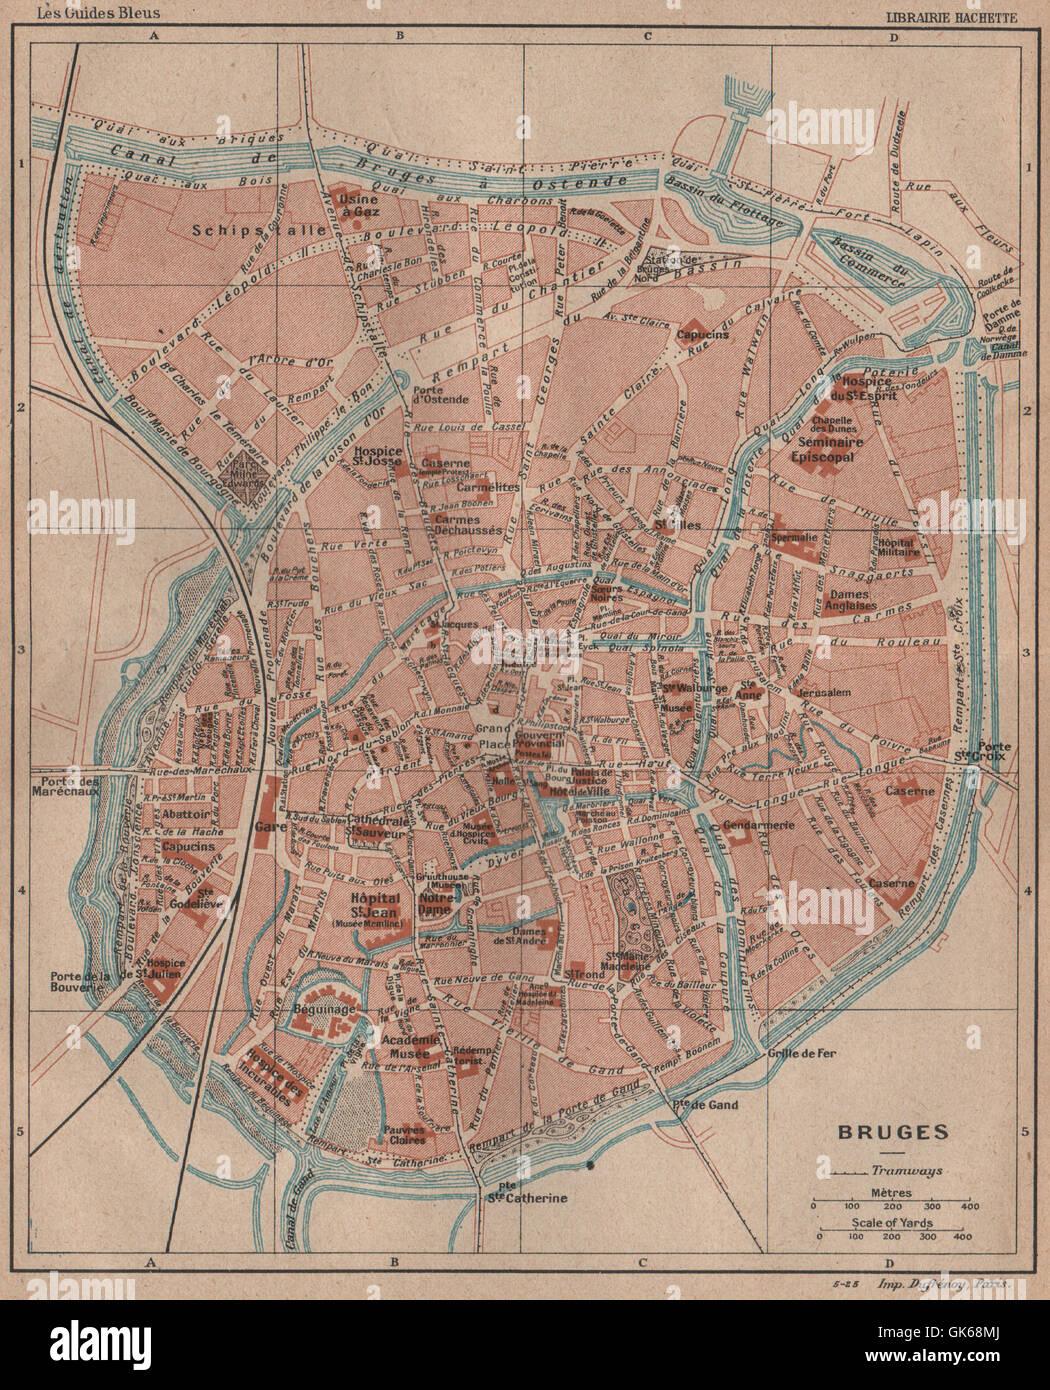 BRUGES BRUGGE Vintage town city map plan de la ville Belgium 1920